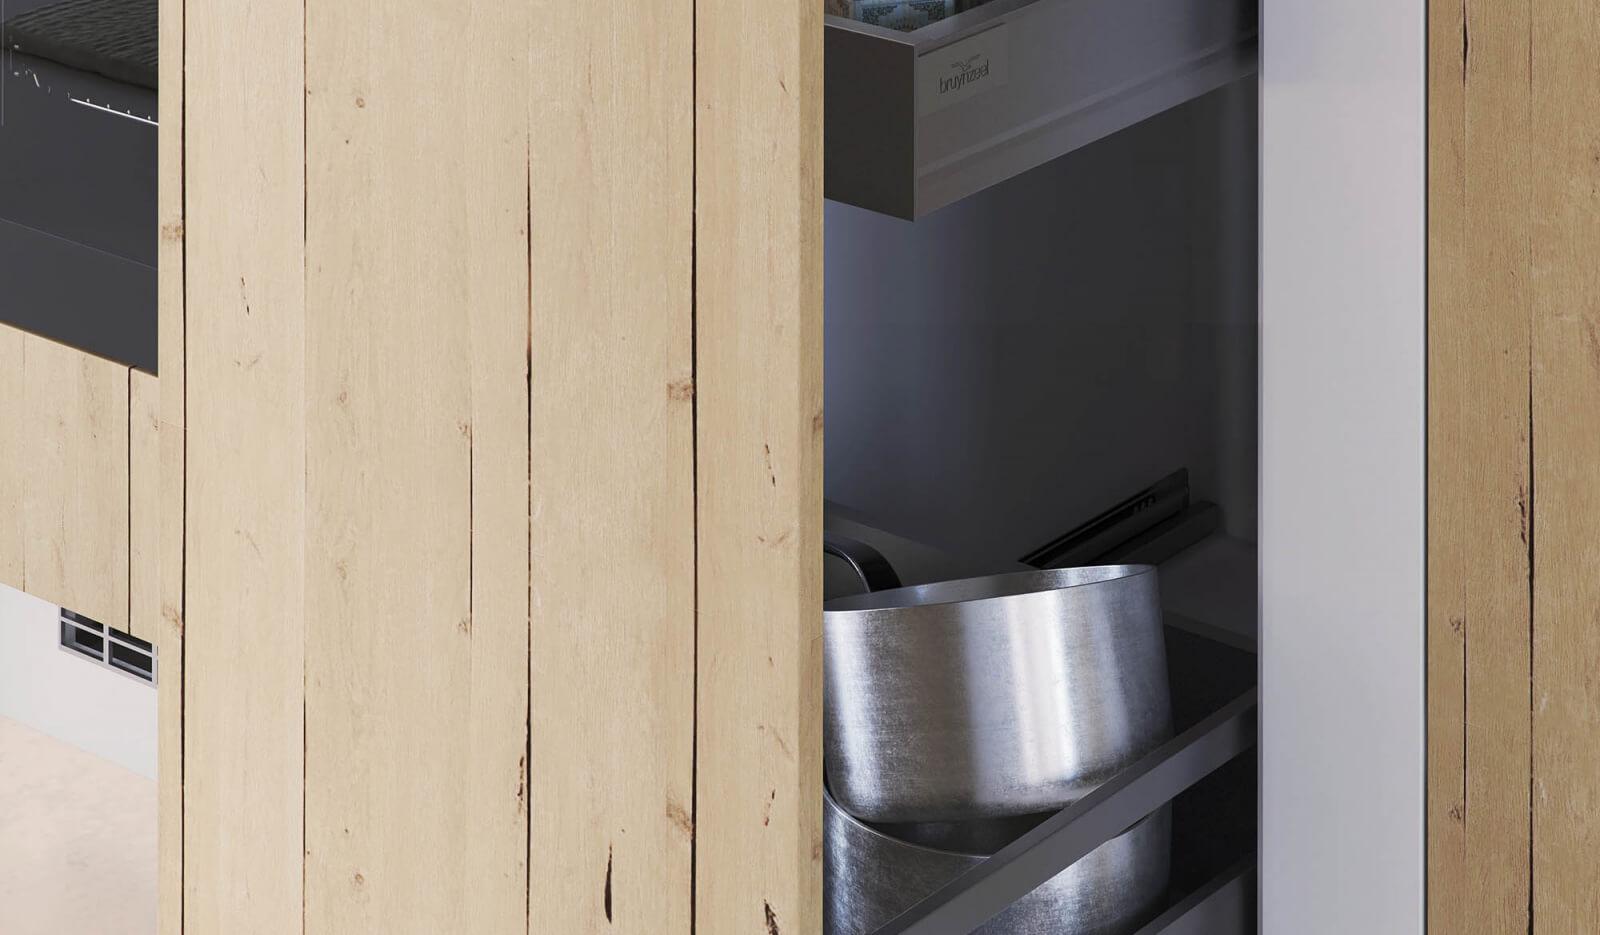 Keuken Karakter Licht Eiken - voorraadkast